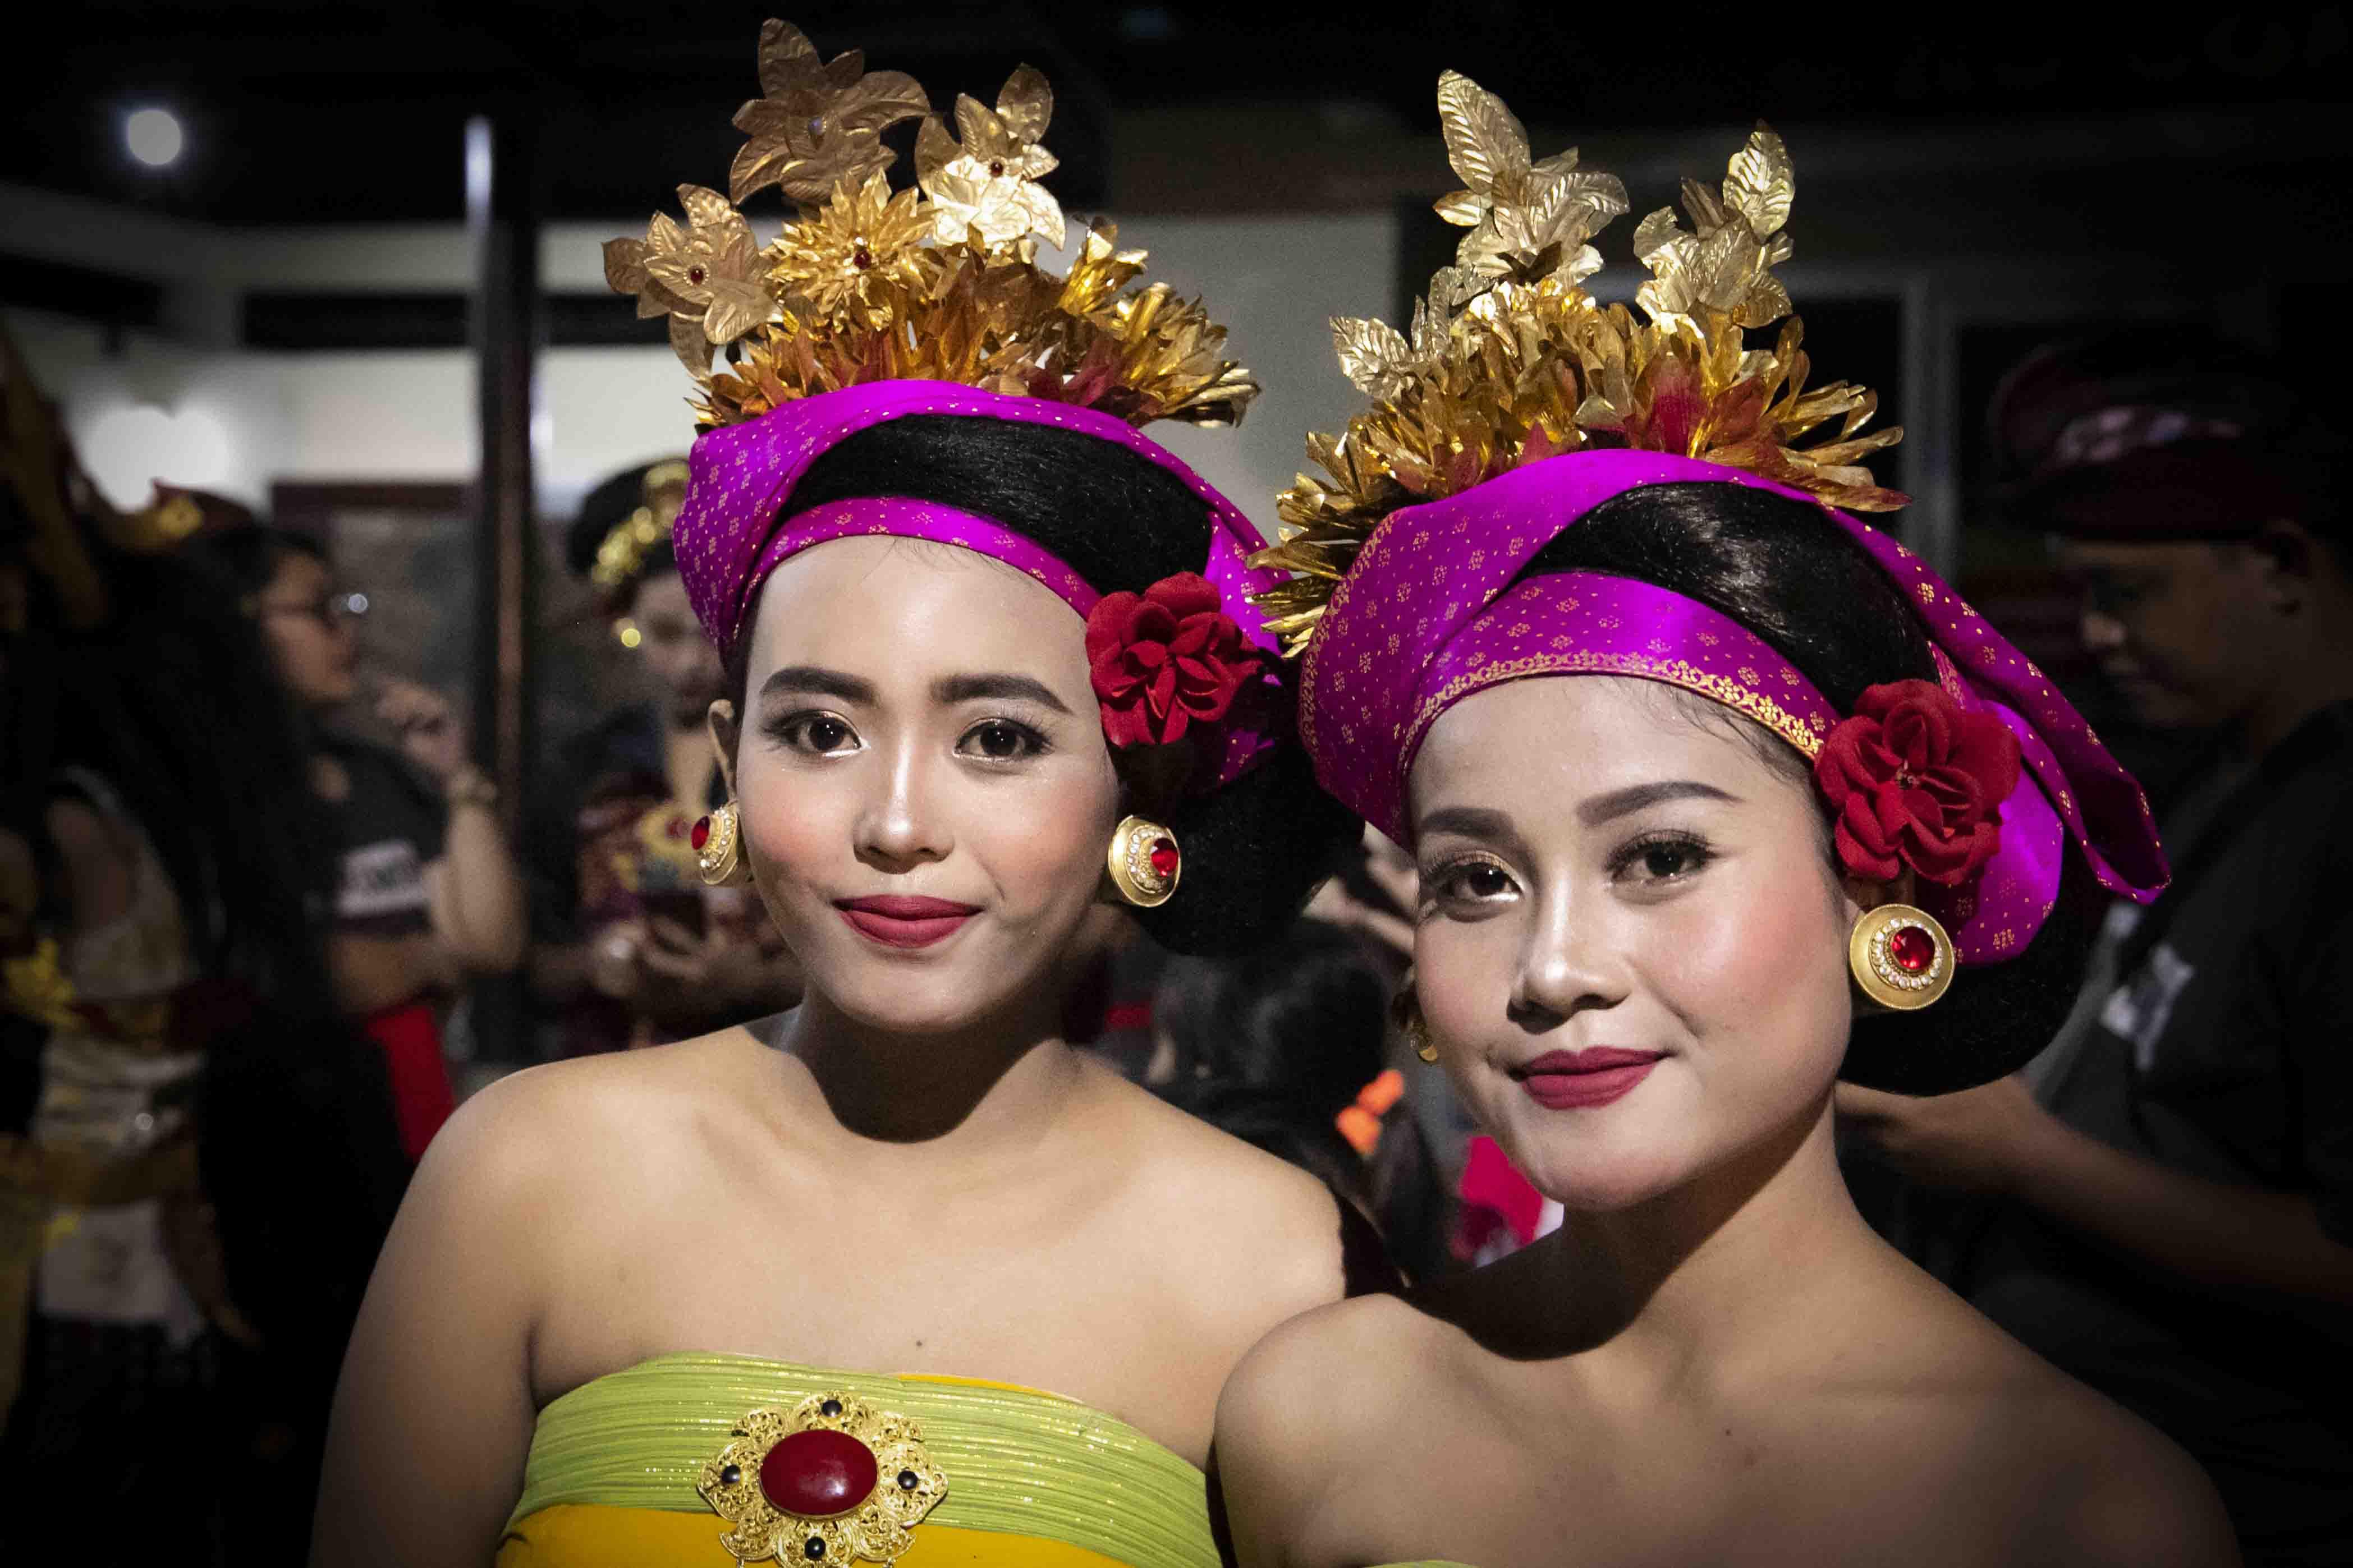 Uitgedost voor Balinees nieuwjaar